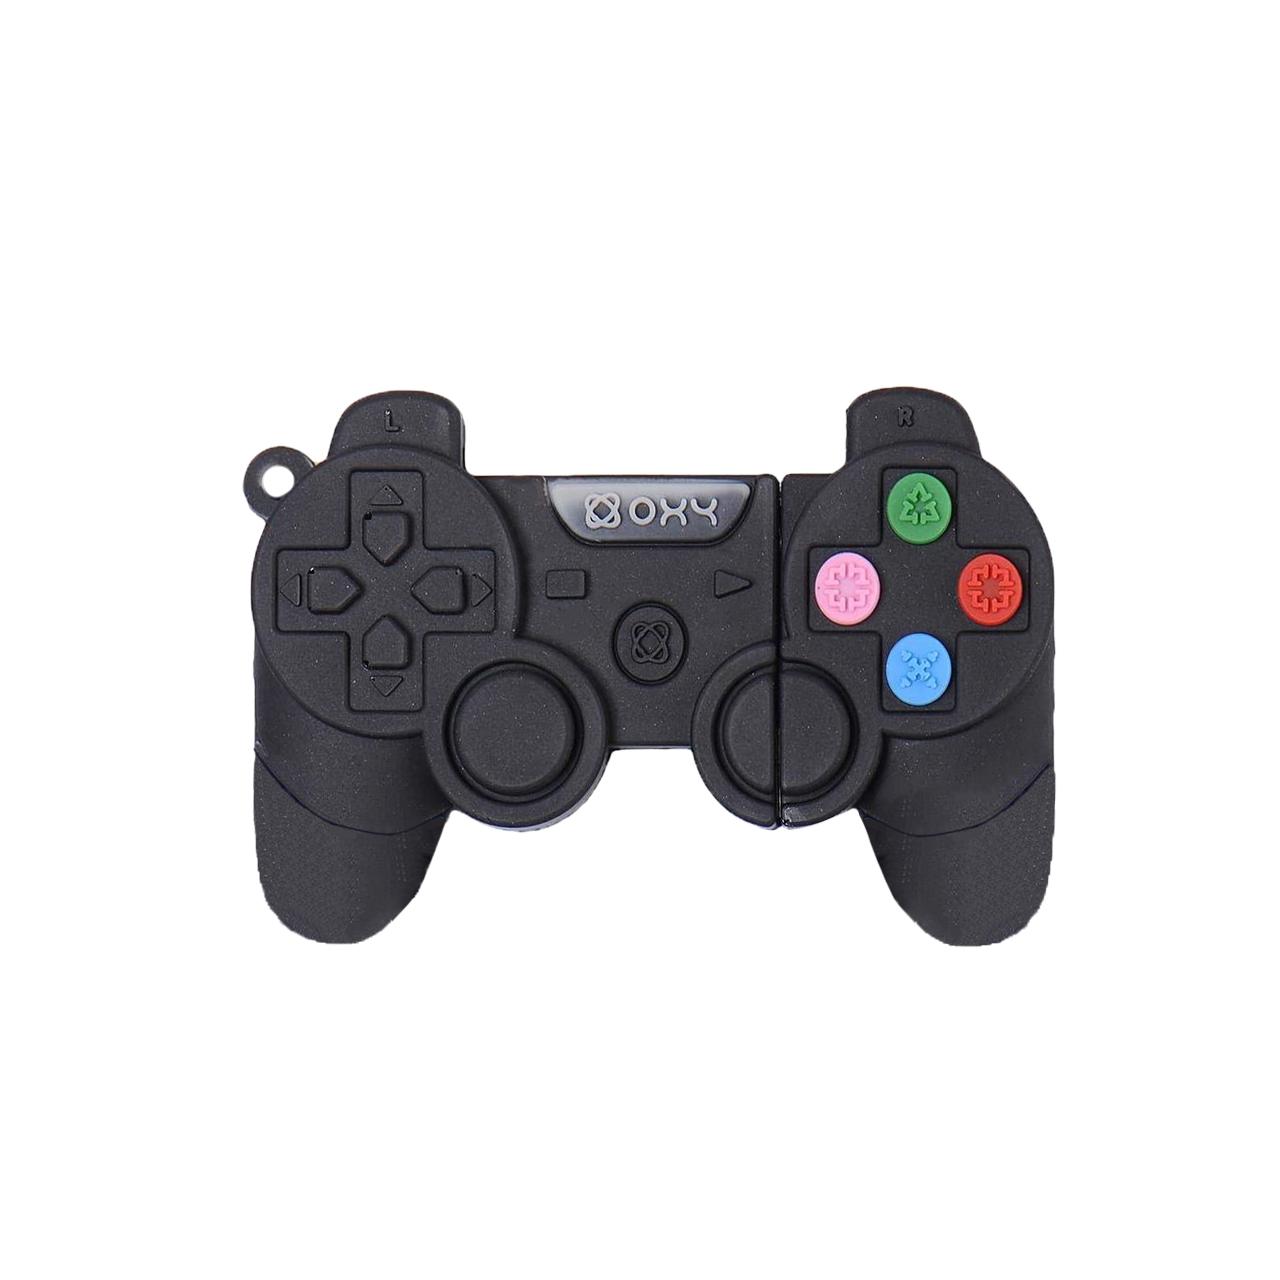 بررسی و خرید [با تخفیف]                                     فلش مموری طرح Gamepad مدل DAA1154 ظرفیت 64 گیگابایت                             اورجینال